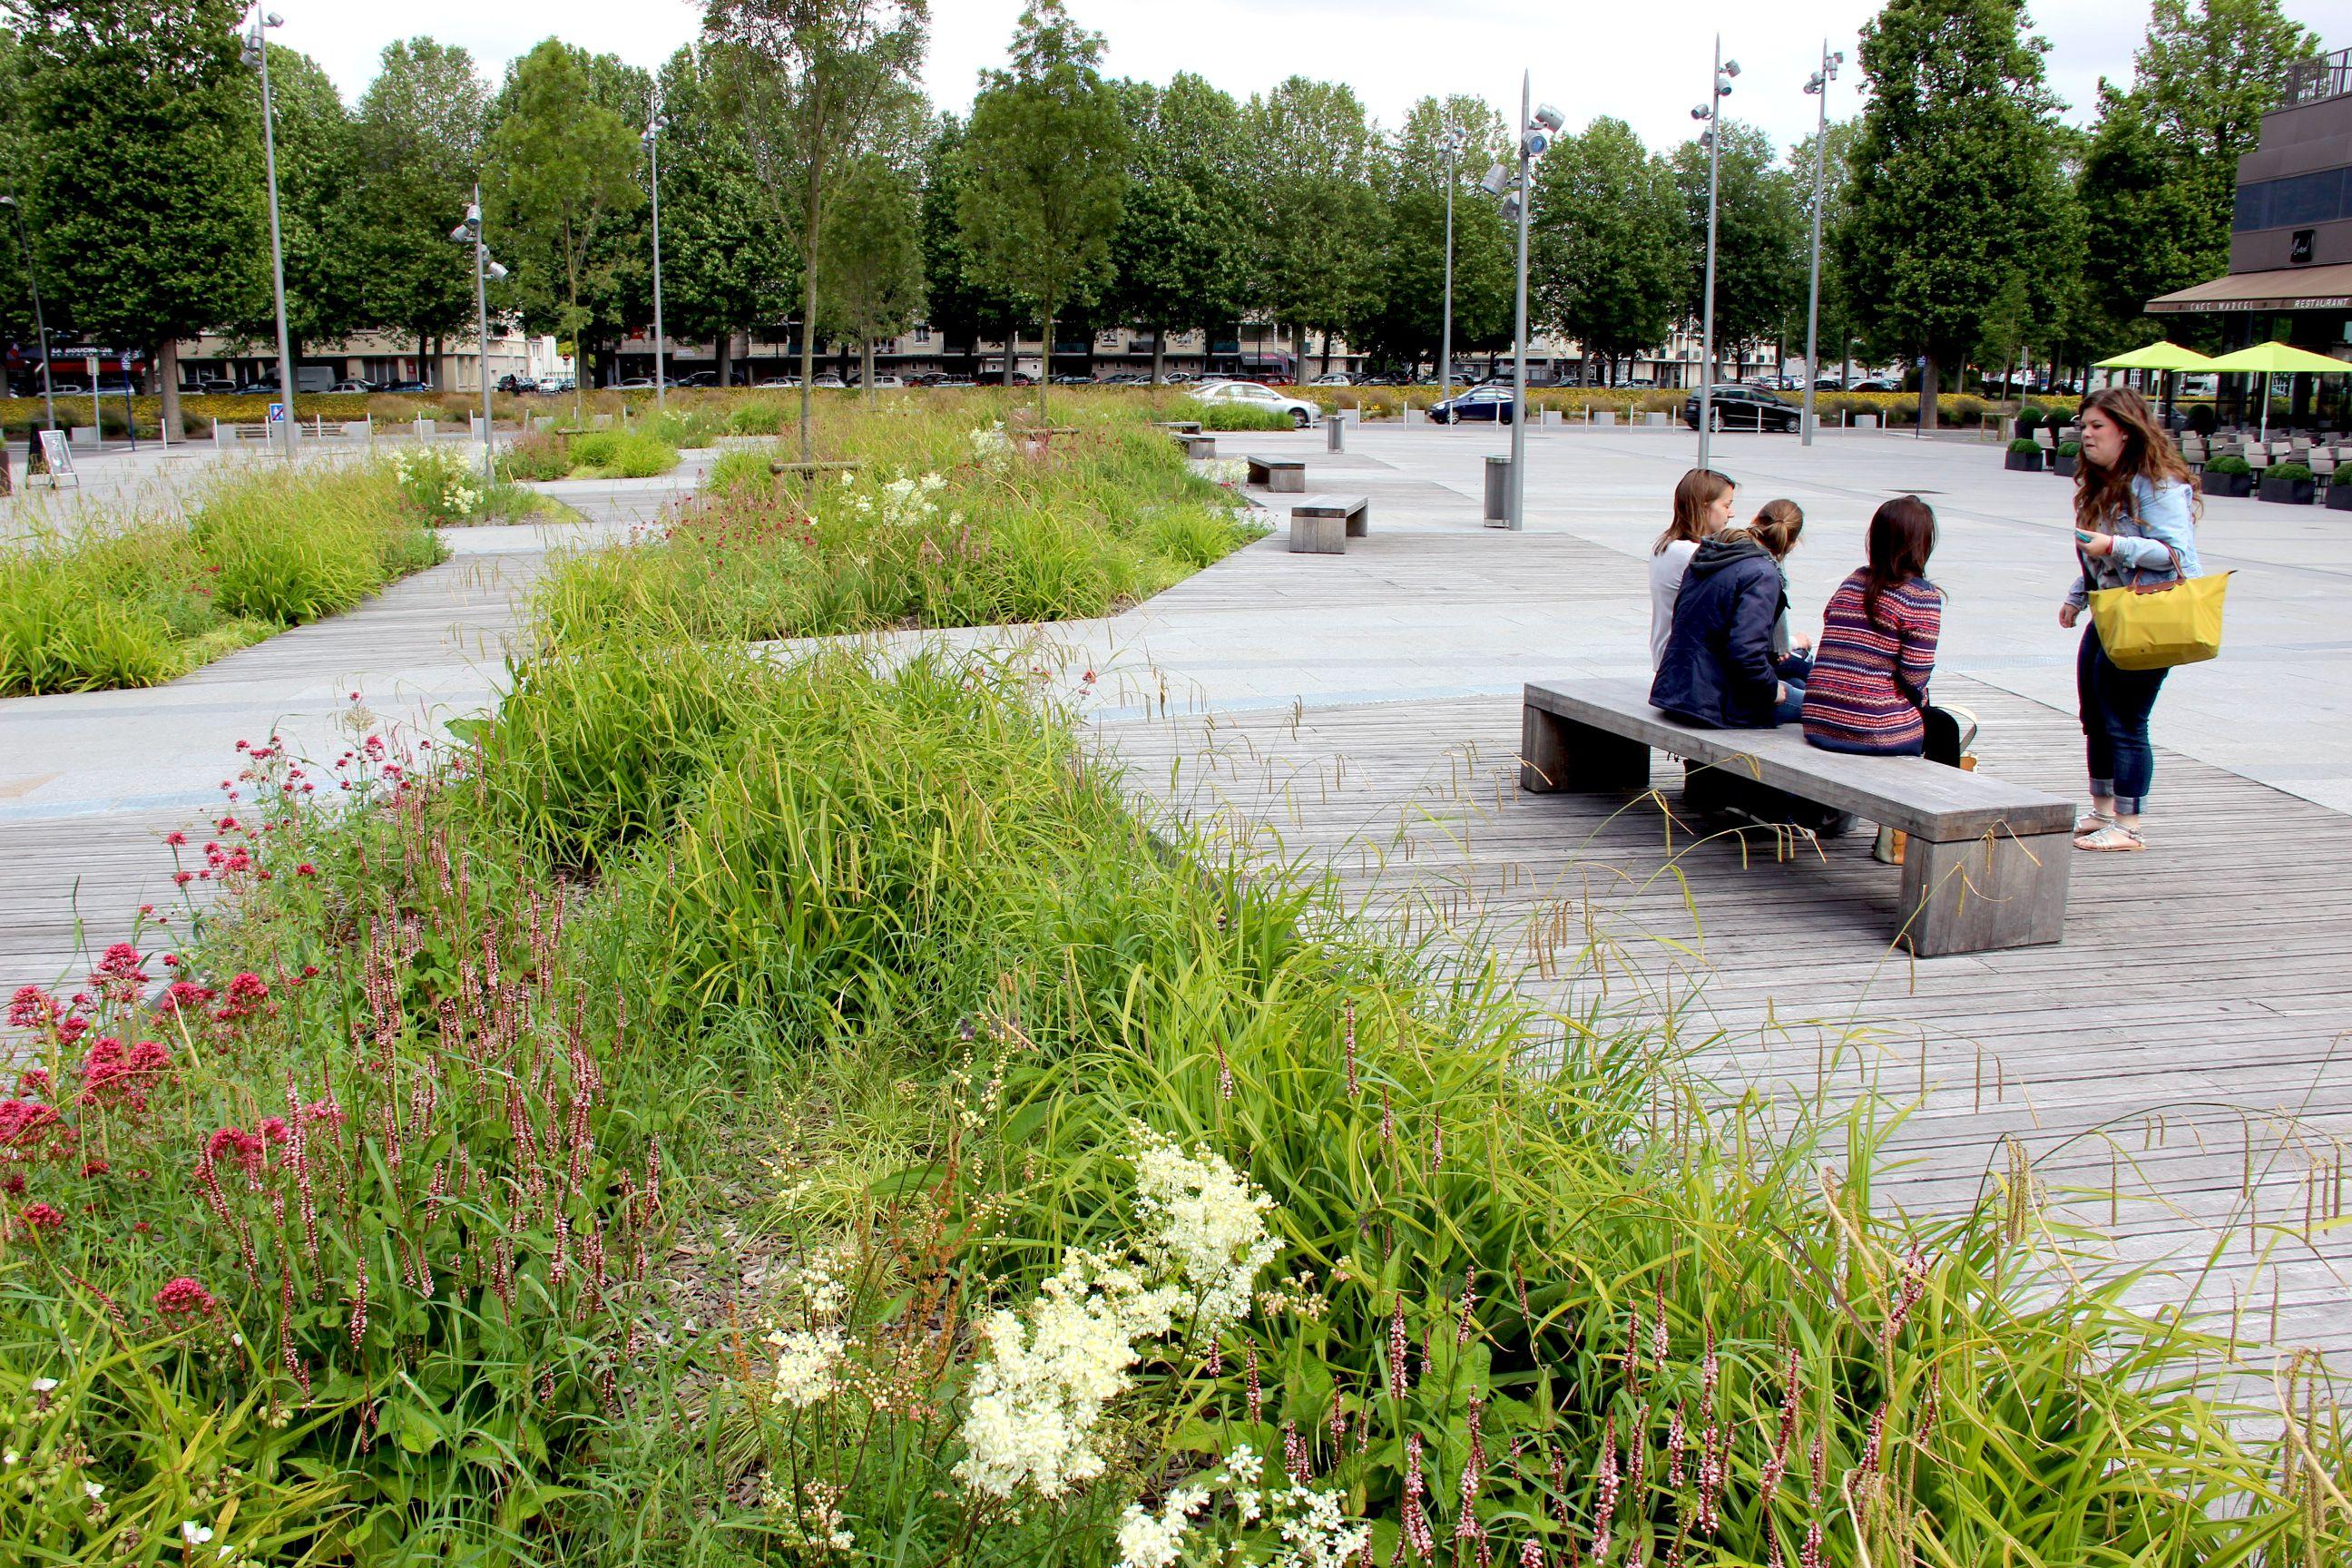 atelier villes paysages am nagement des espaces publics des rives de l orne caen. Black Bedroom Furniture Sets. Home Design Ideas